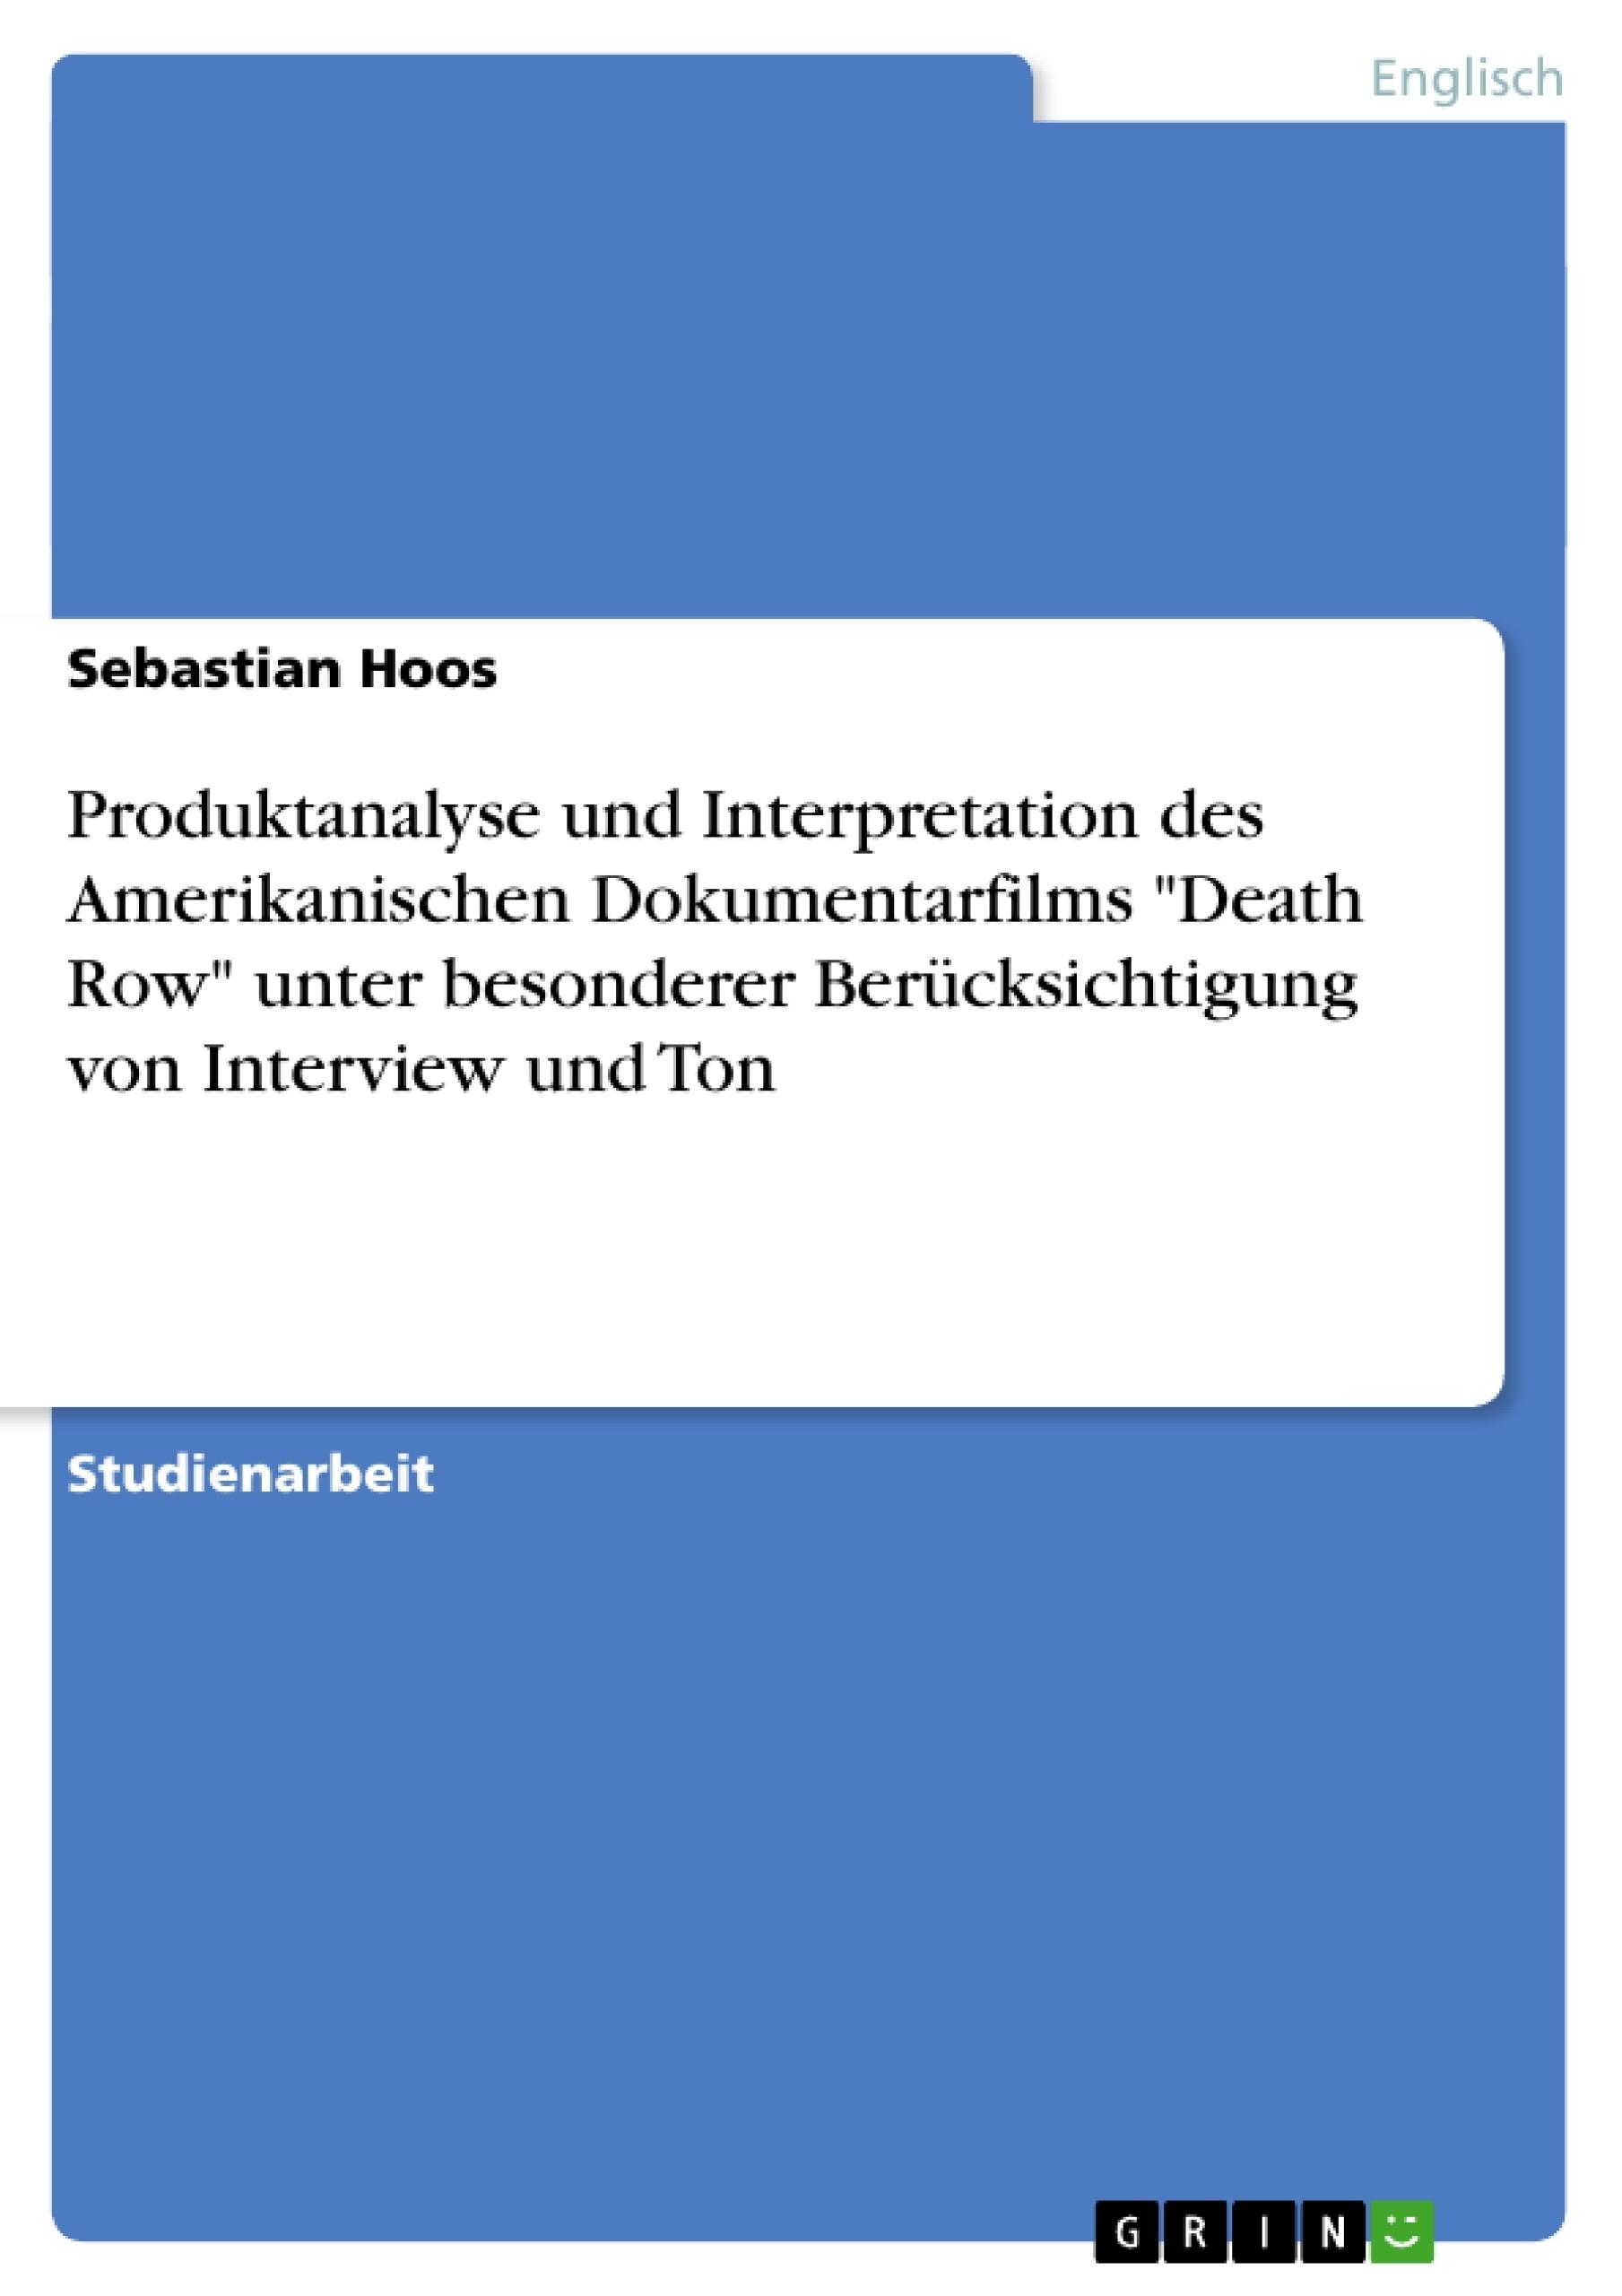 """Titel: Produktanalyse und Interpretation des Amerikanischen Dokumentarfilms """"Death Row"""" unter besonderer Berücksichtigung von Interview und Ton"""